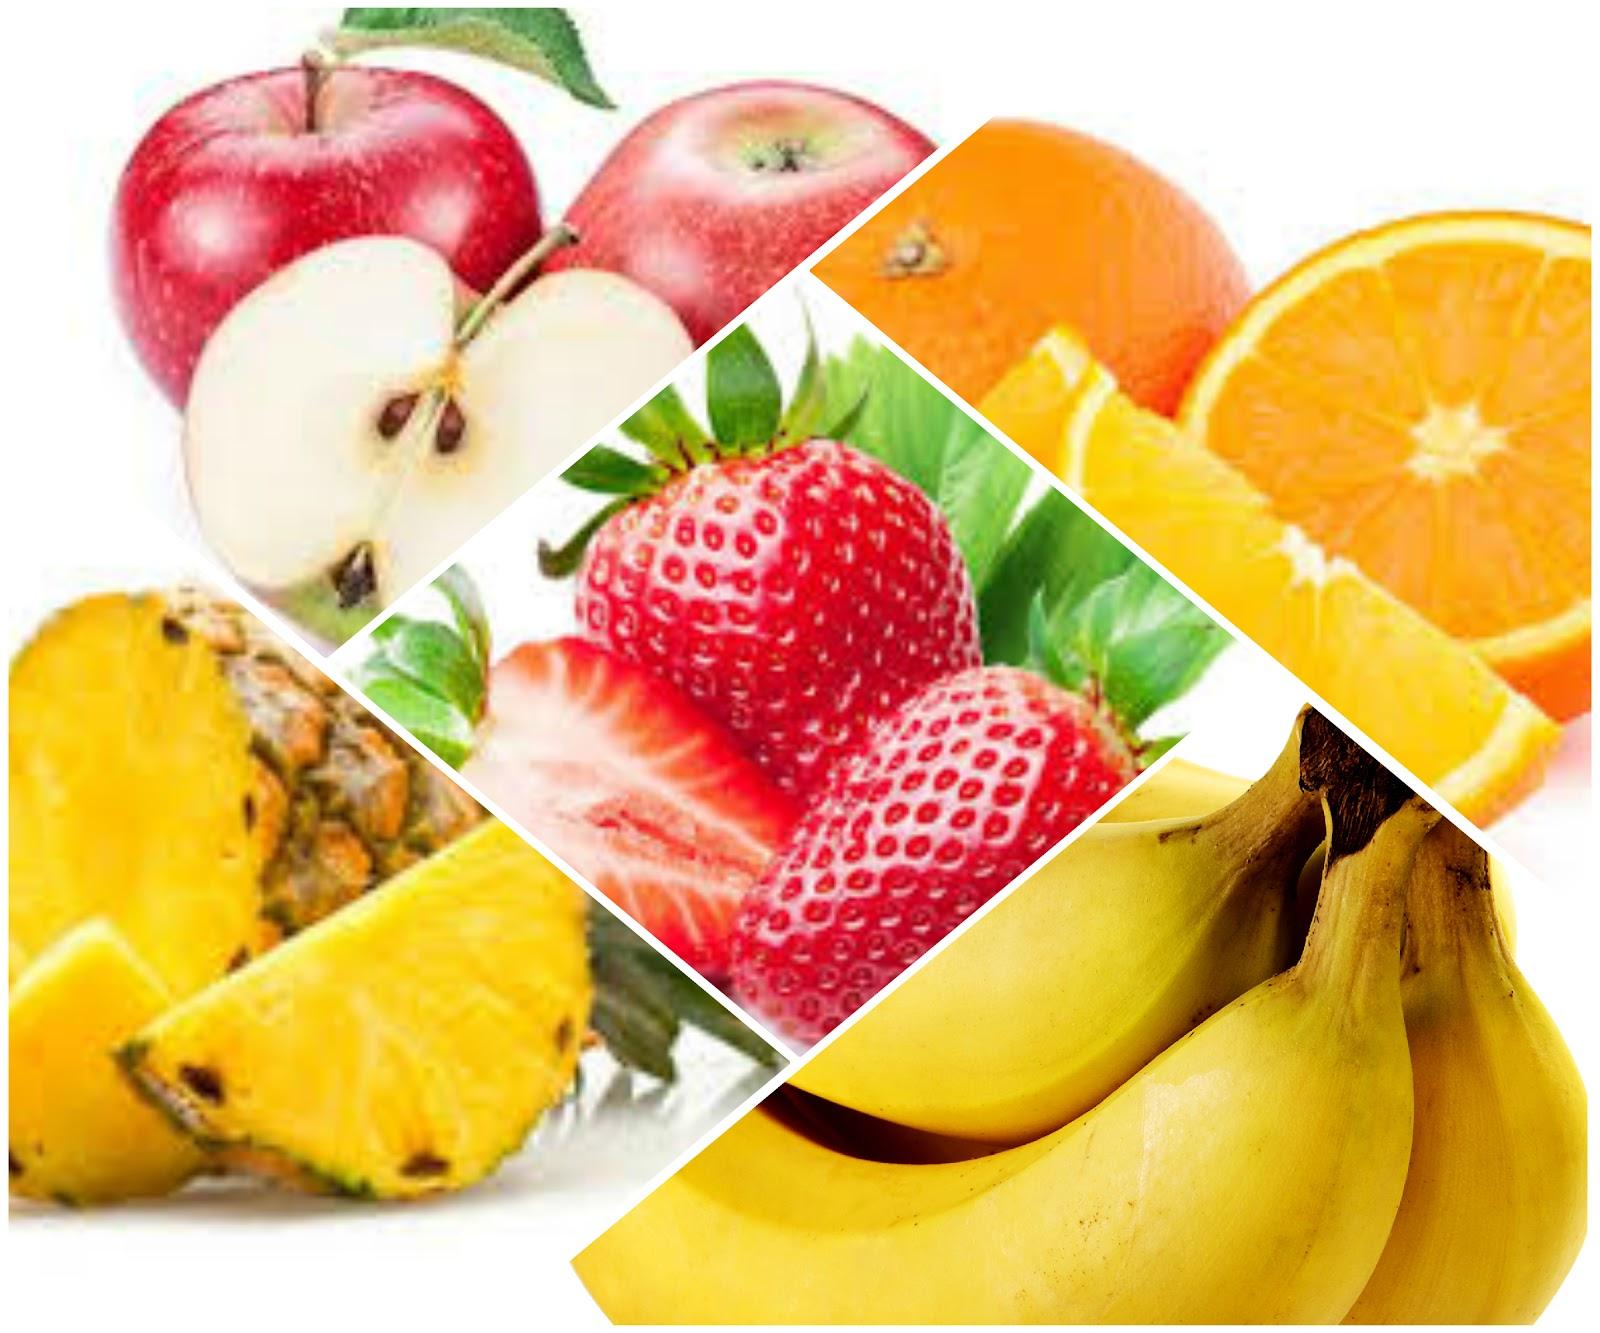 sadje.jpg